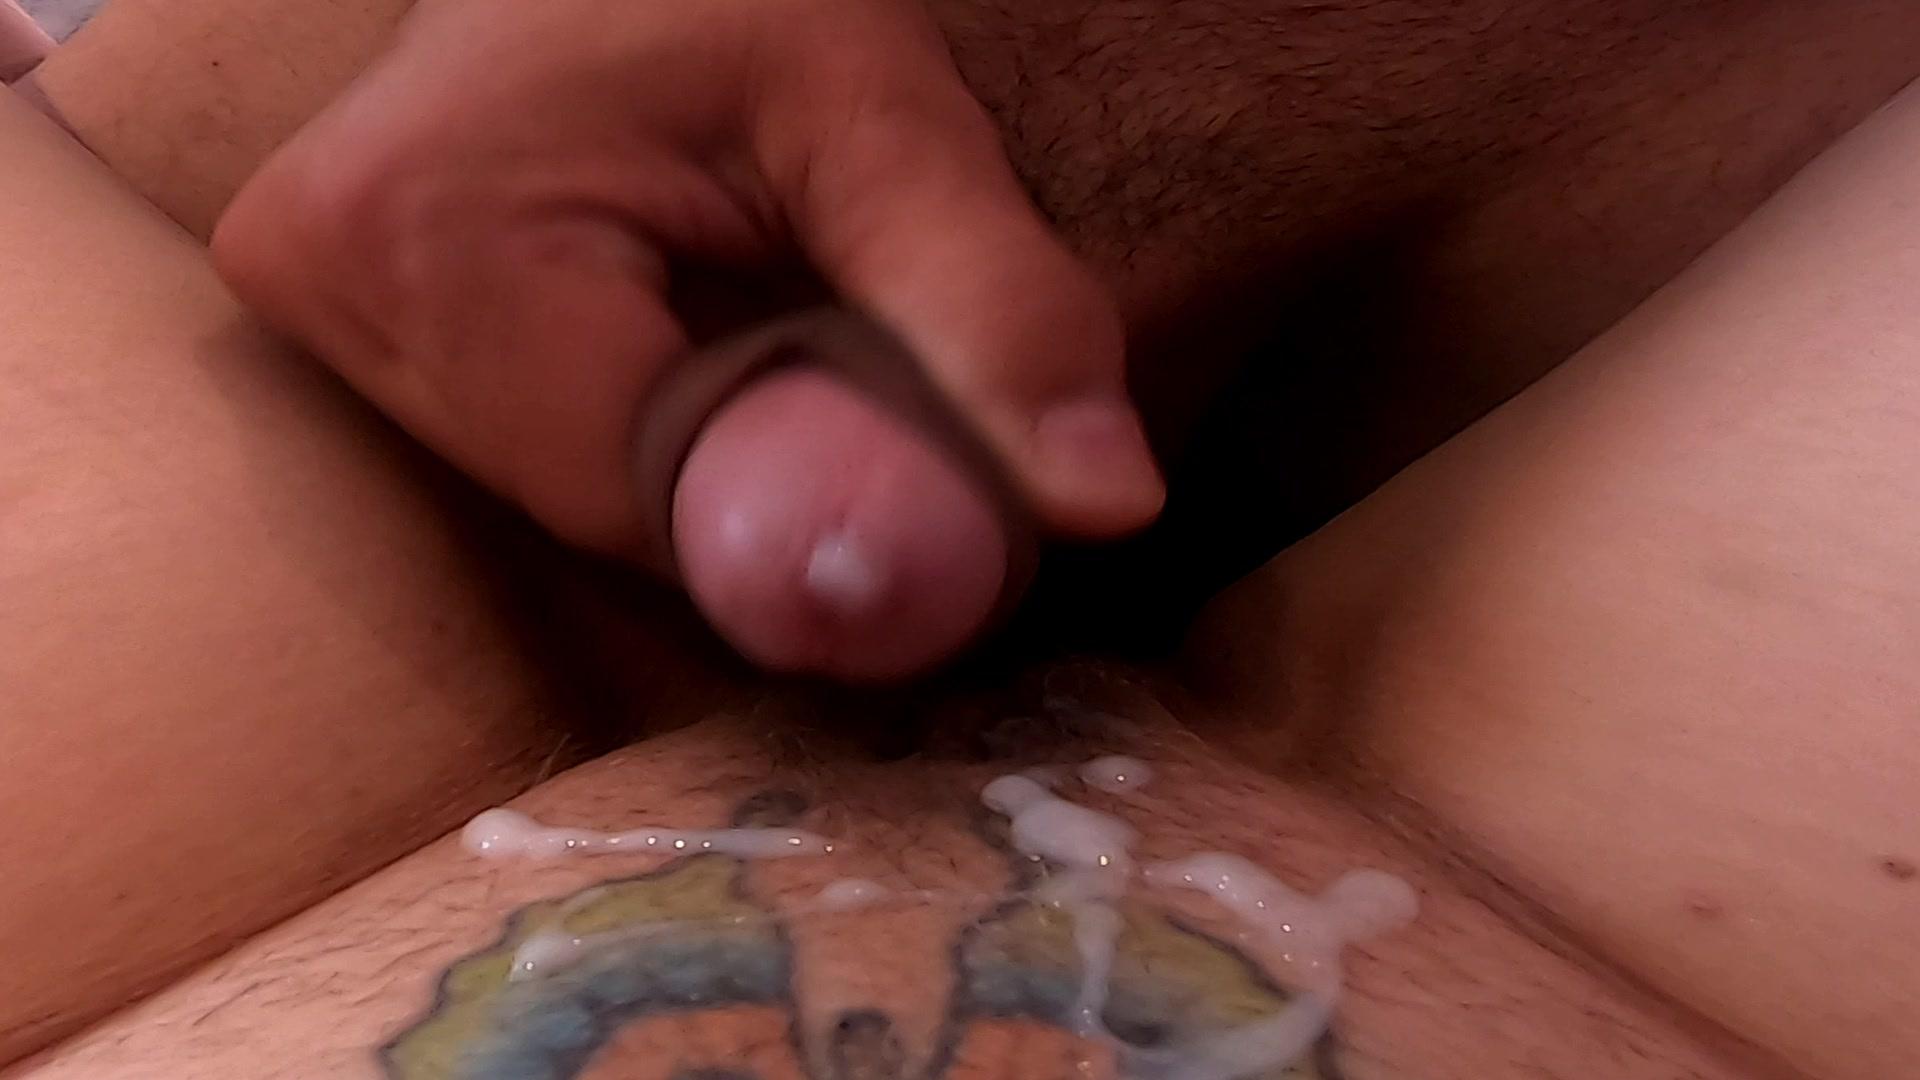 Frauen besamung von Spermaspender vertraut,